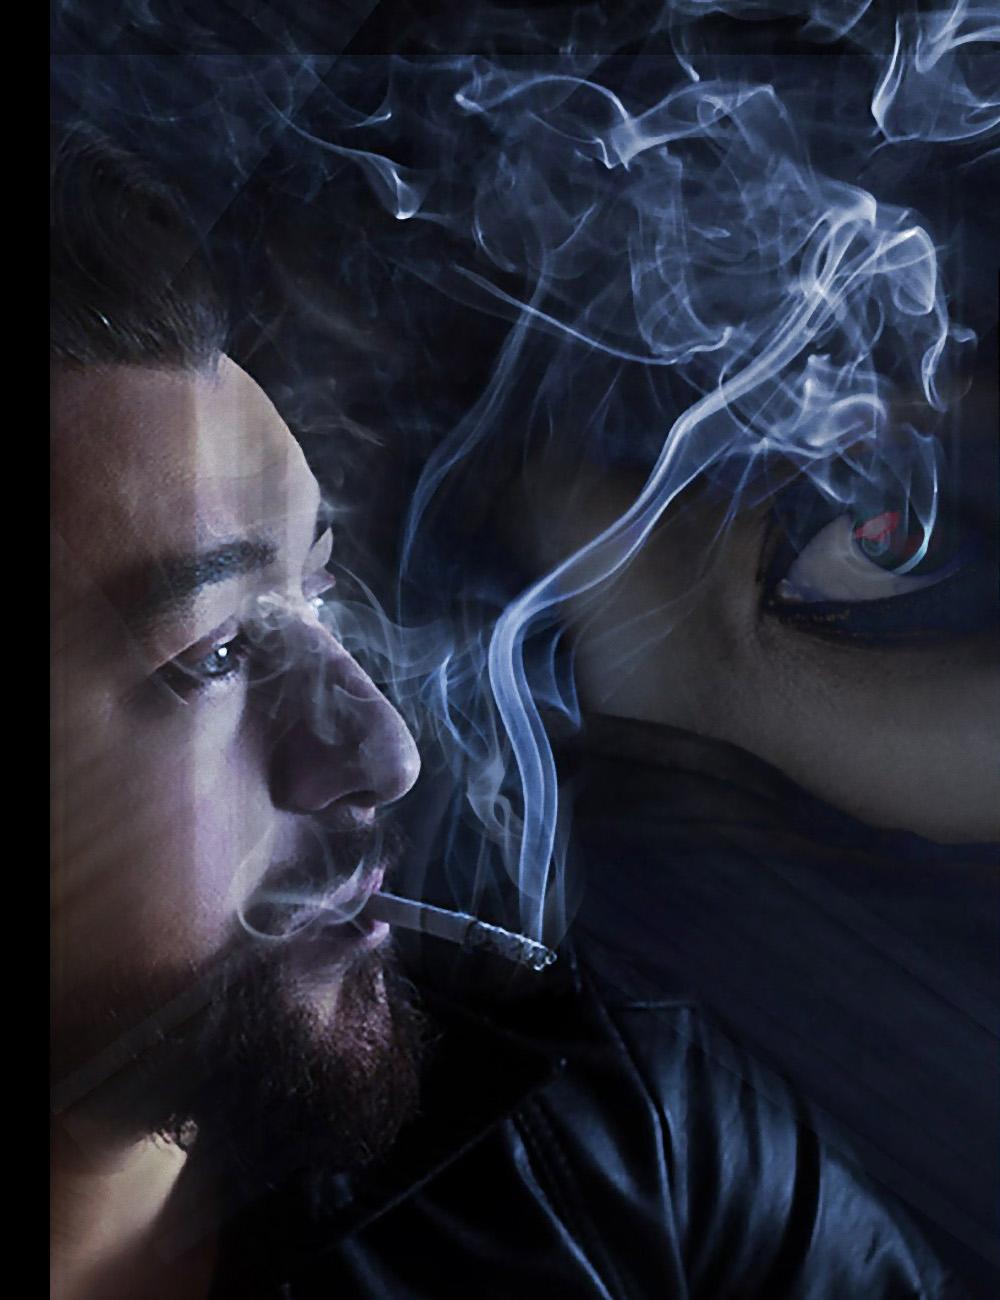 Real Smoke by: RajRaja, 3D Models by Daz 3D